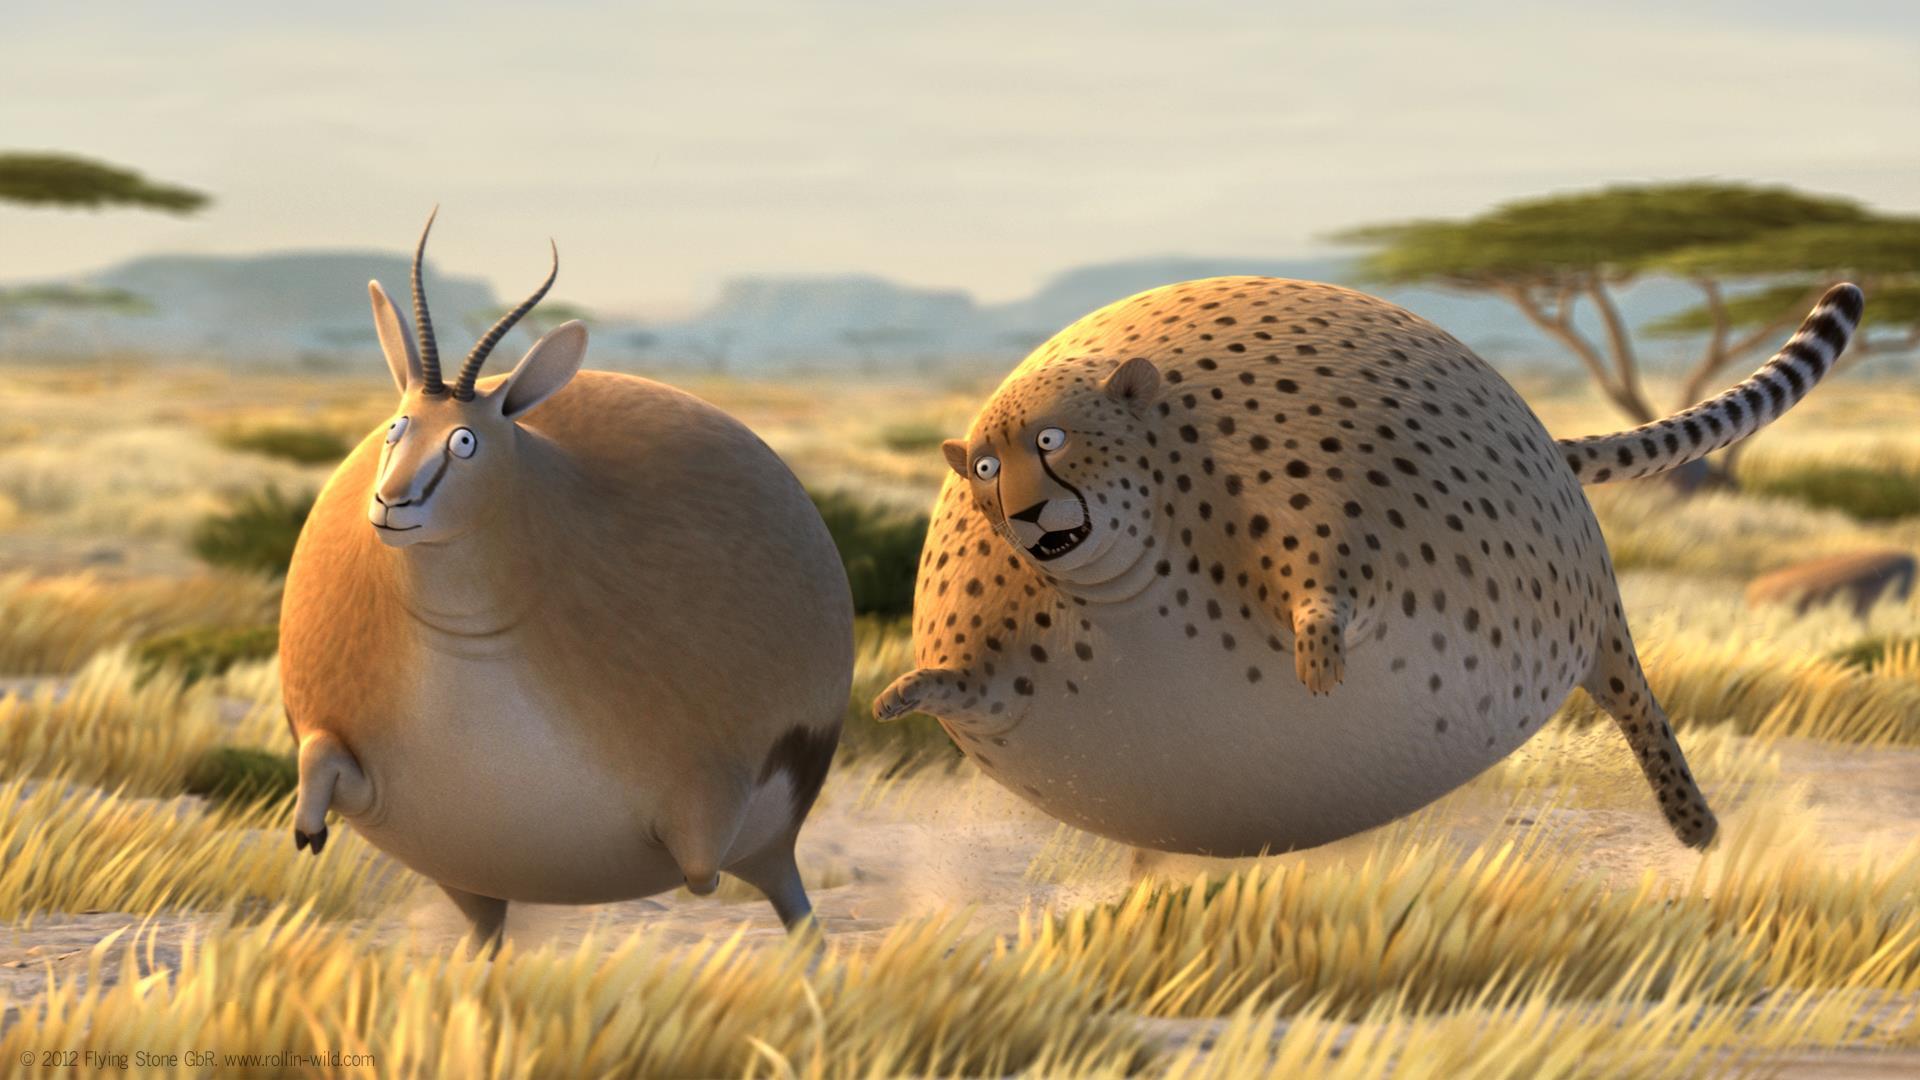 800+ Gambar Animasi Hewan Yang Lucu HD Terbaik